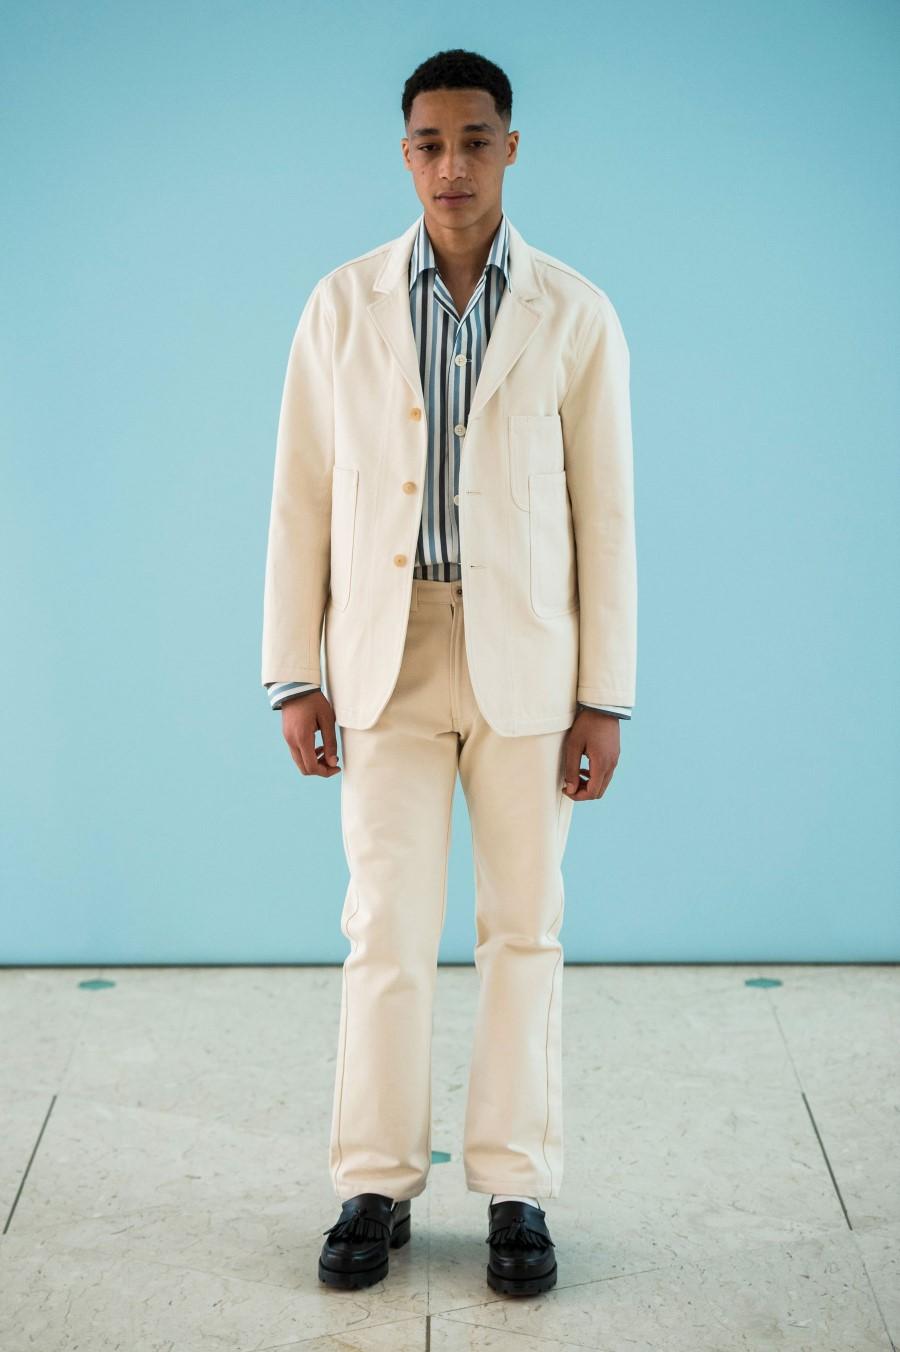 E. Tautz Printemps/Été 2019 - London Fashion Week Men's